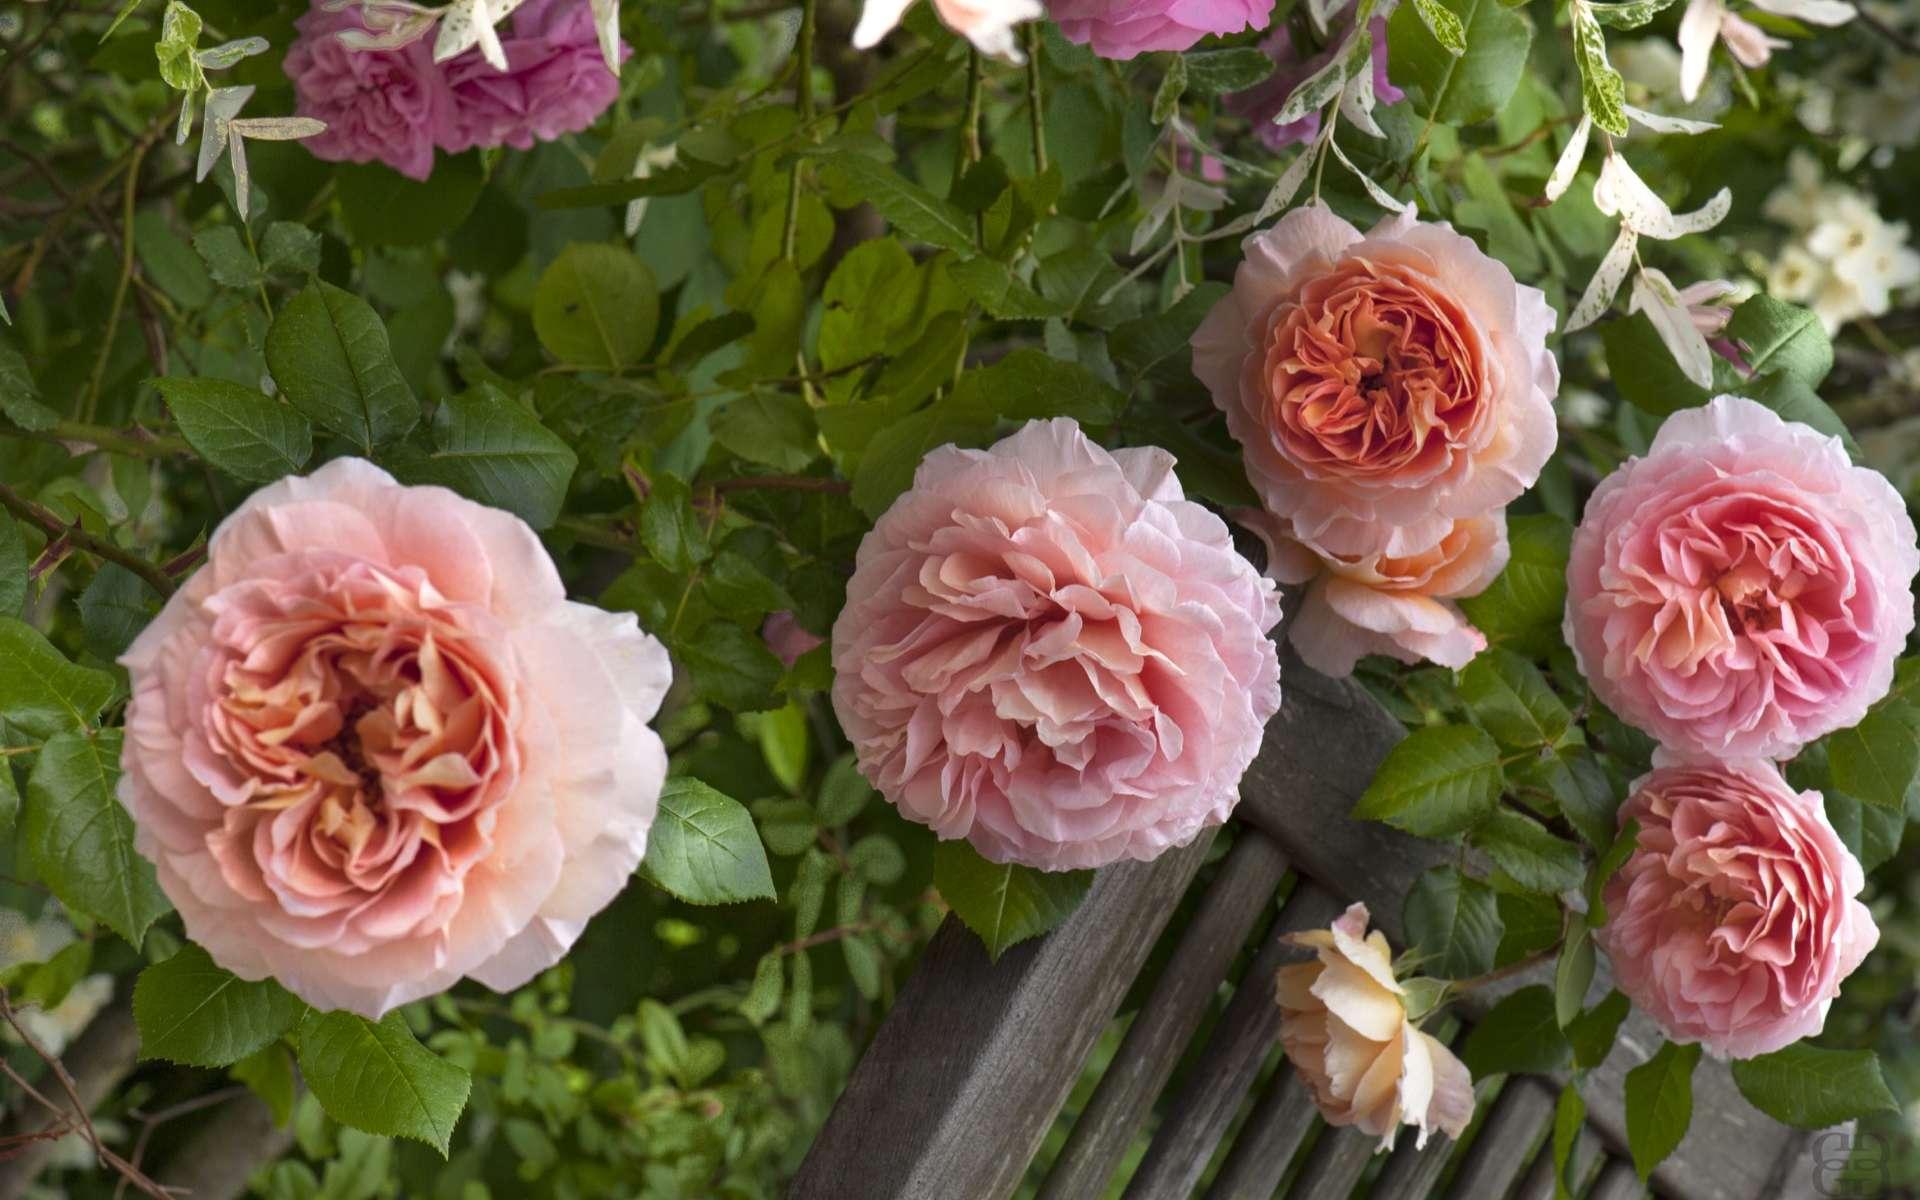 Le marcottage des rosiers anciens en particulier permet de reproduire des variétés rares. © Créafolios pour Futura, reproduction interdite